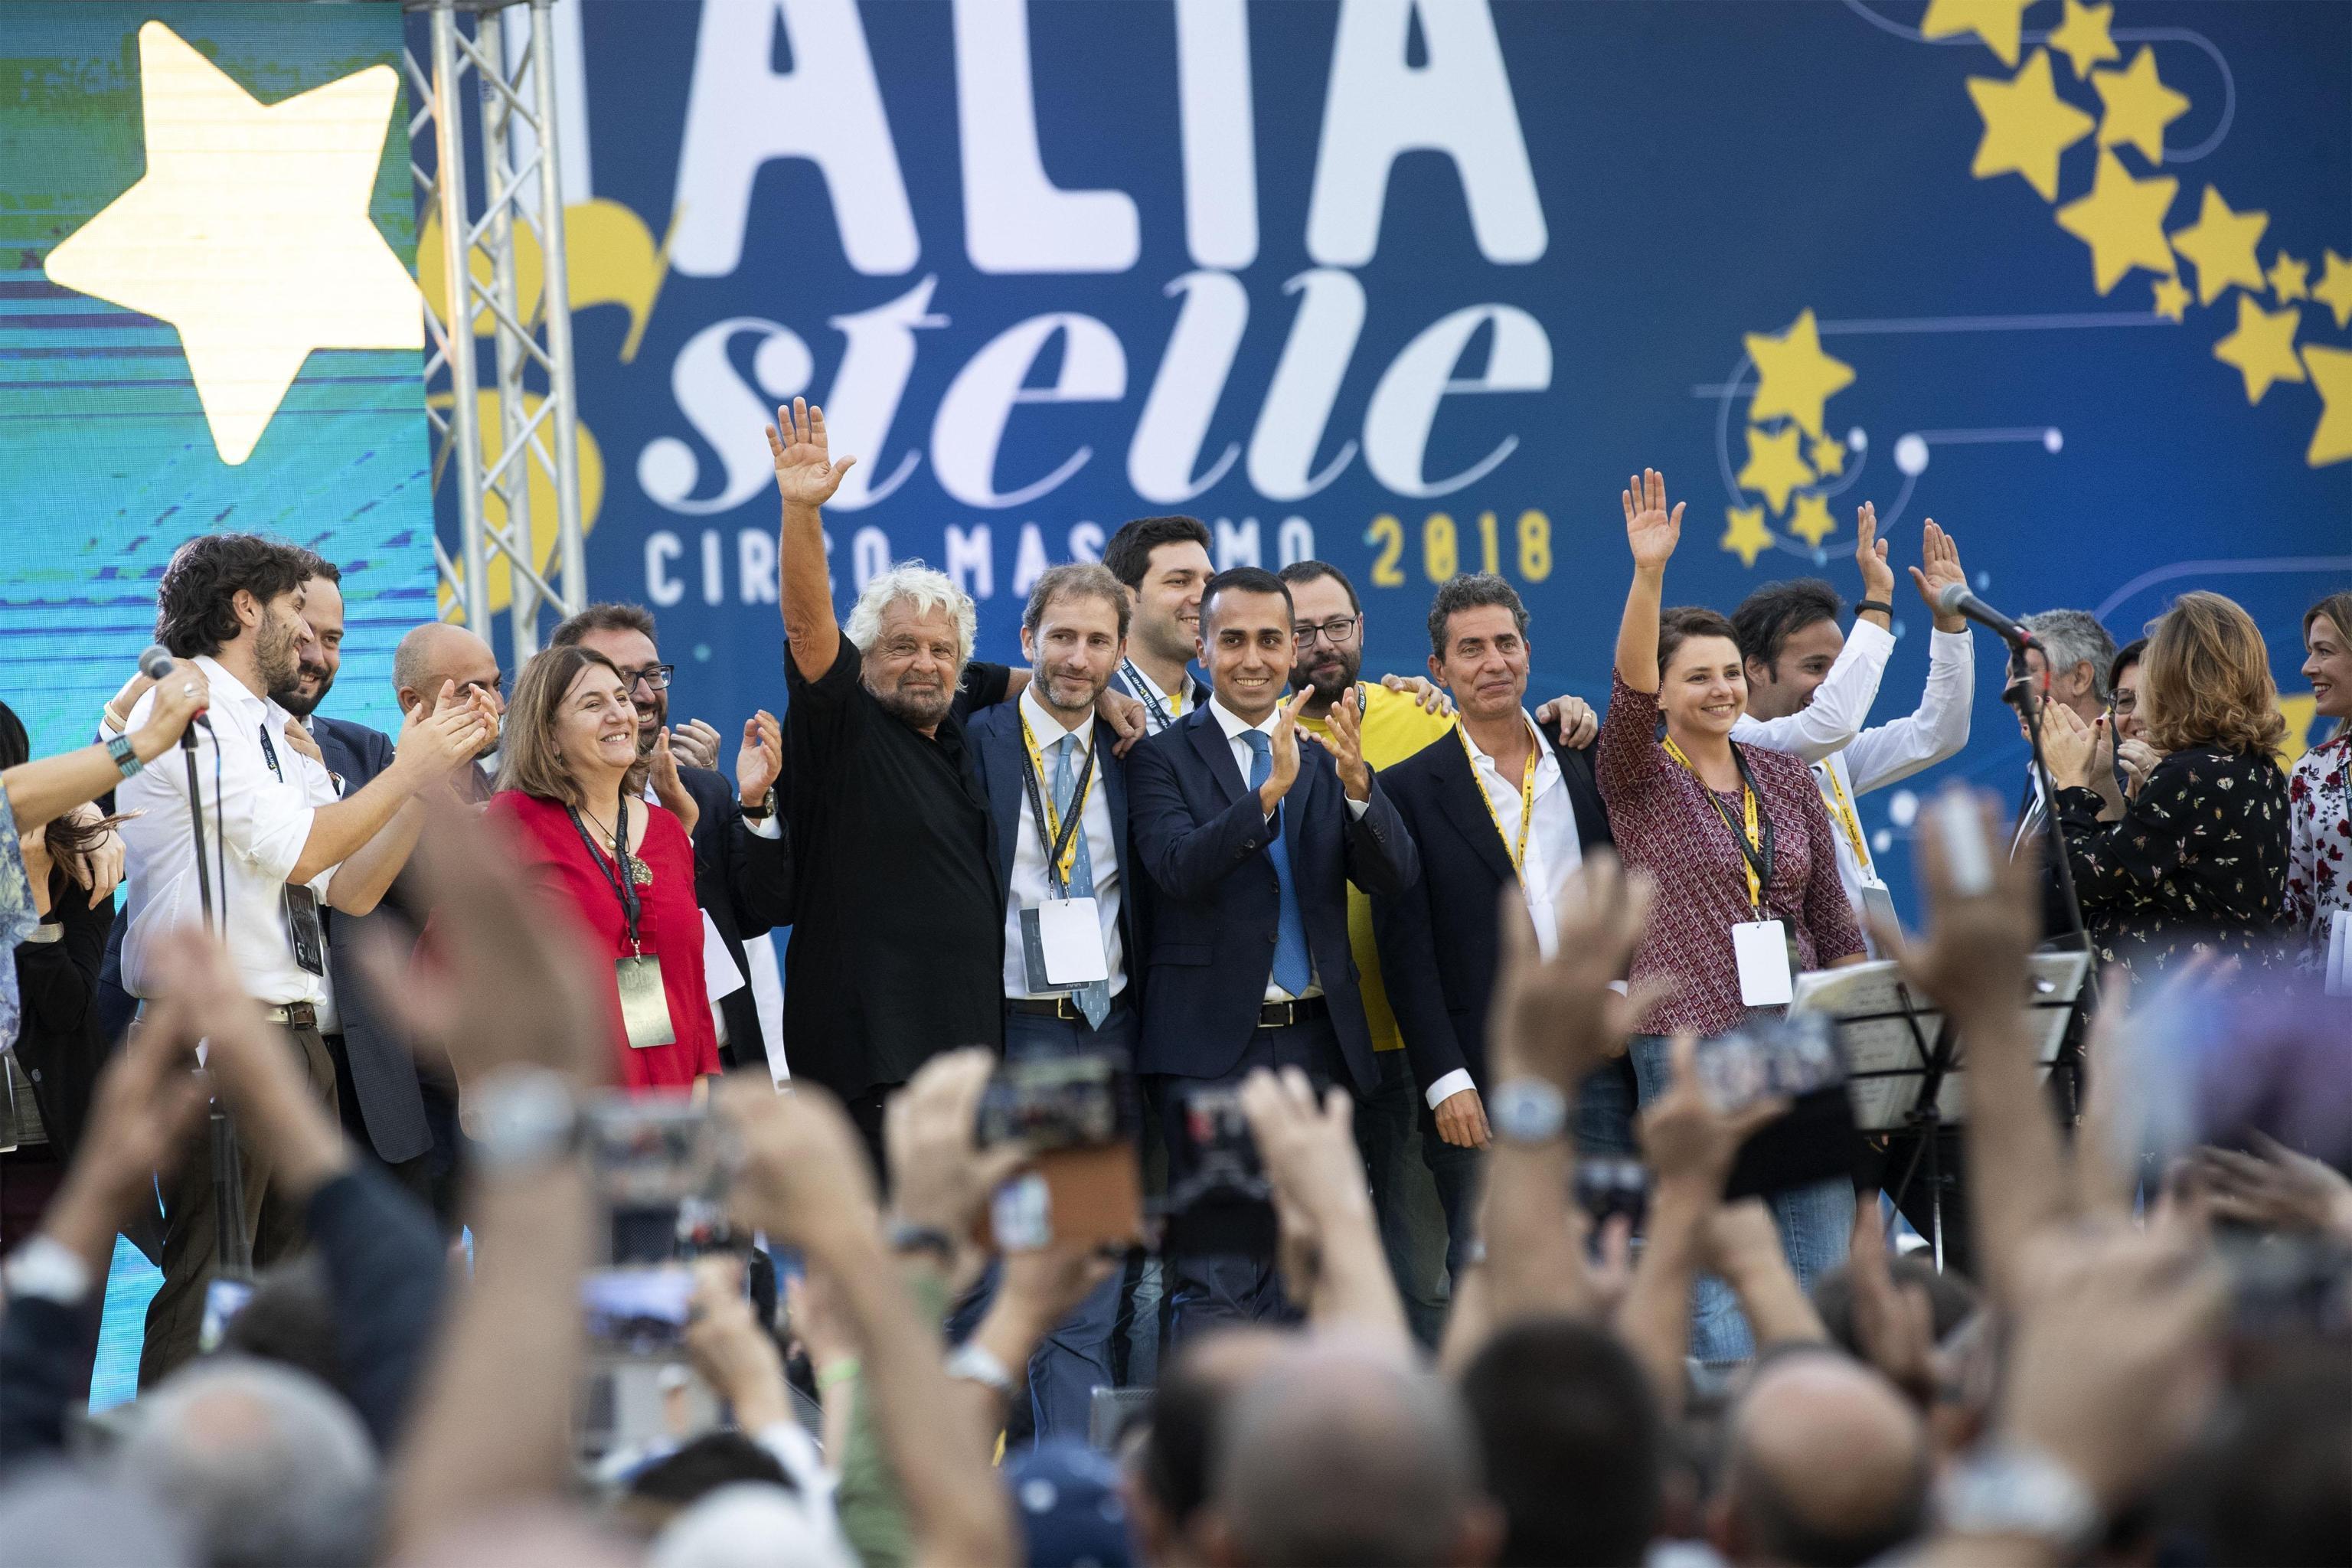 Italia 5 Stelle: sul palco Conte, Casaleggio e Grillo